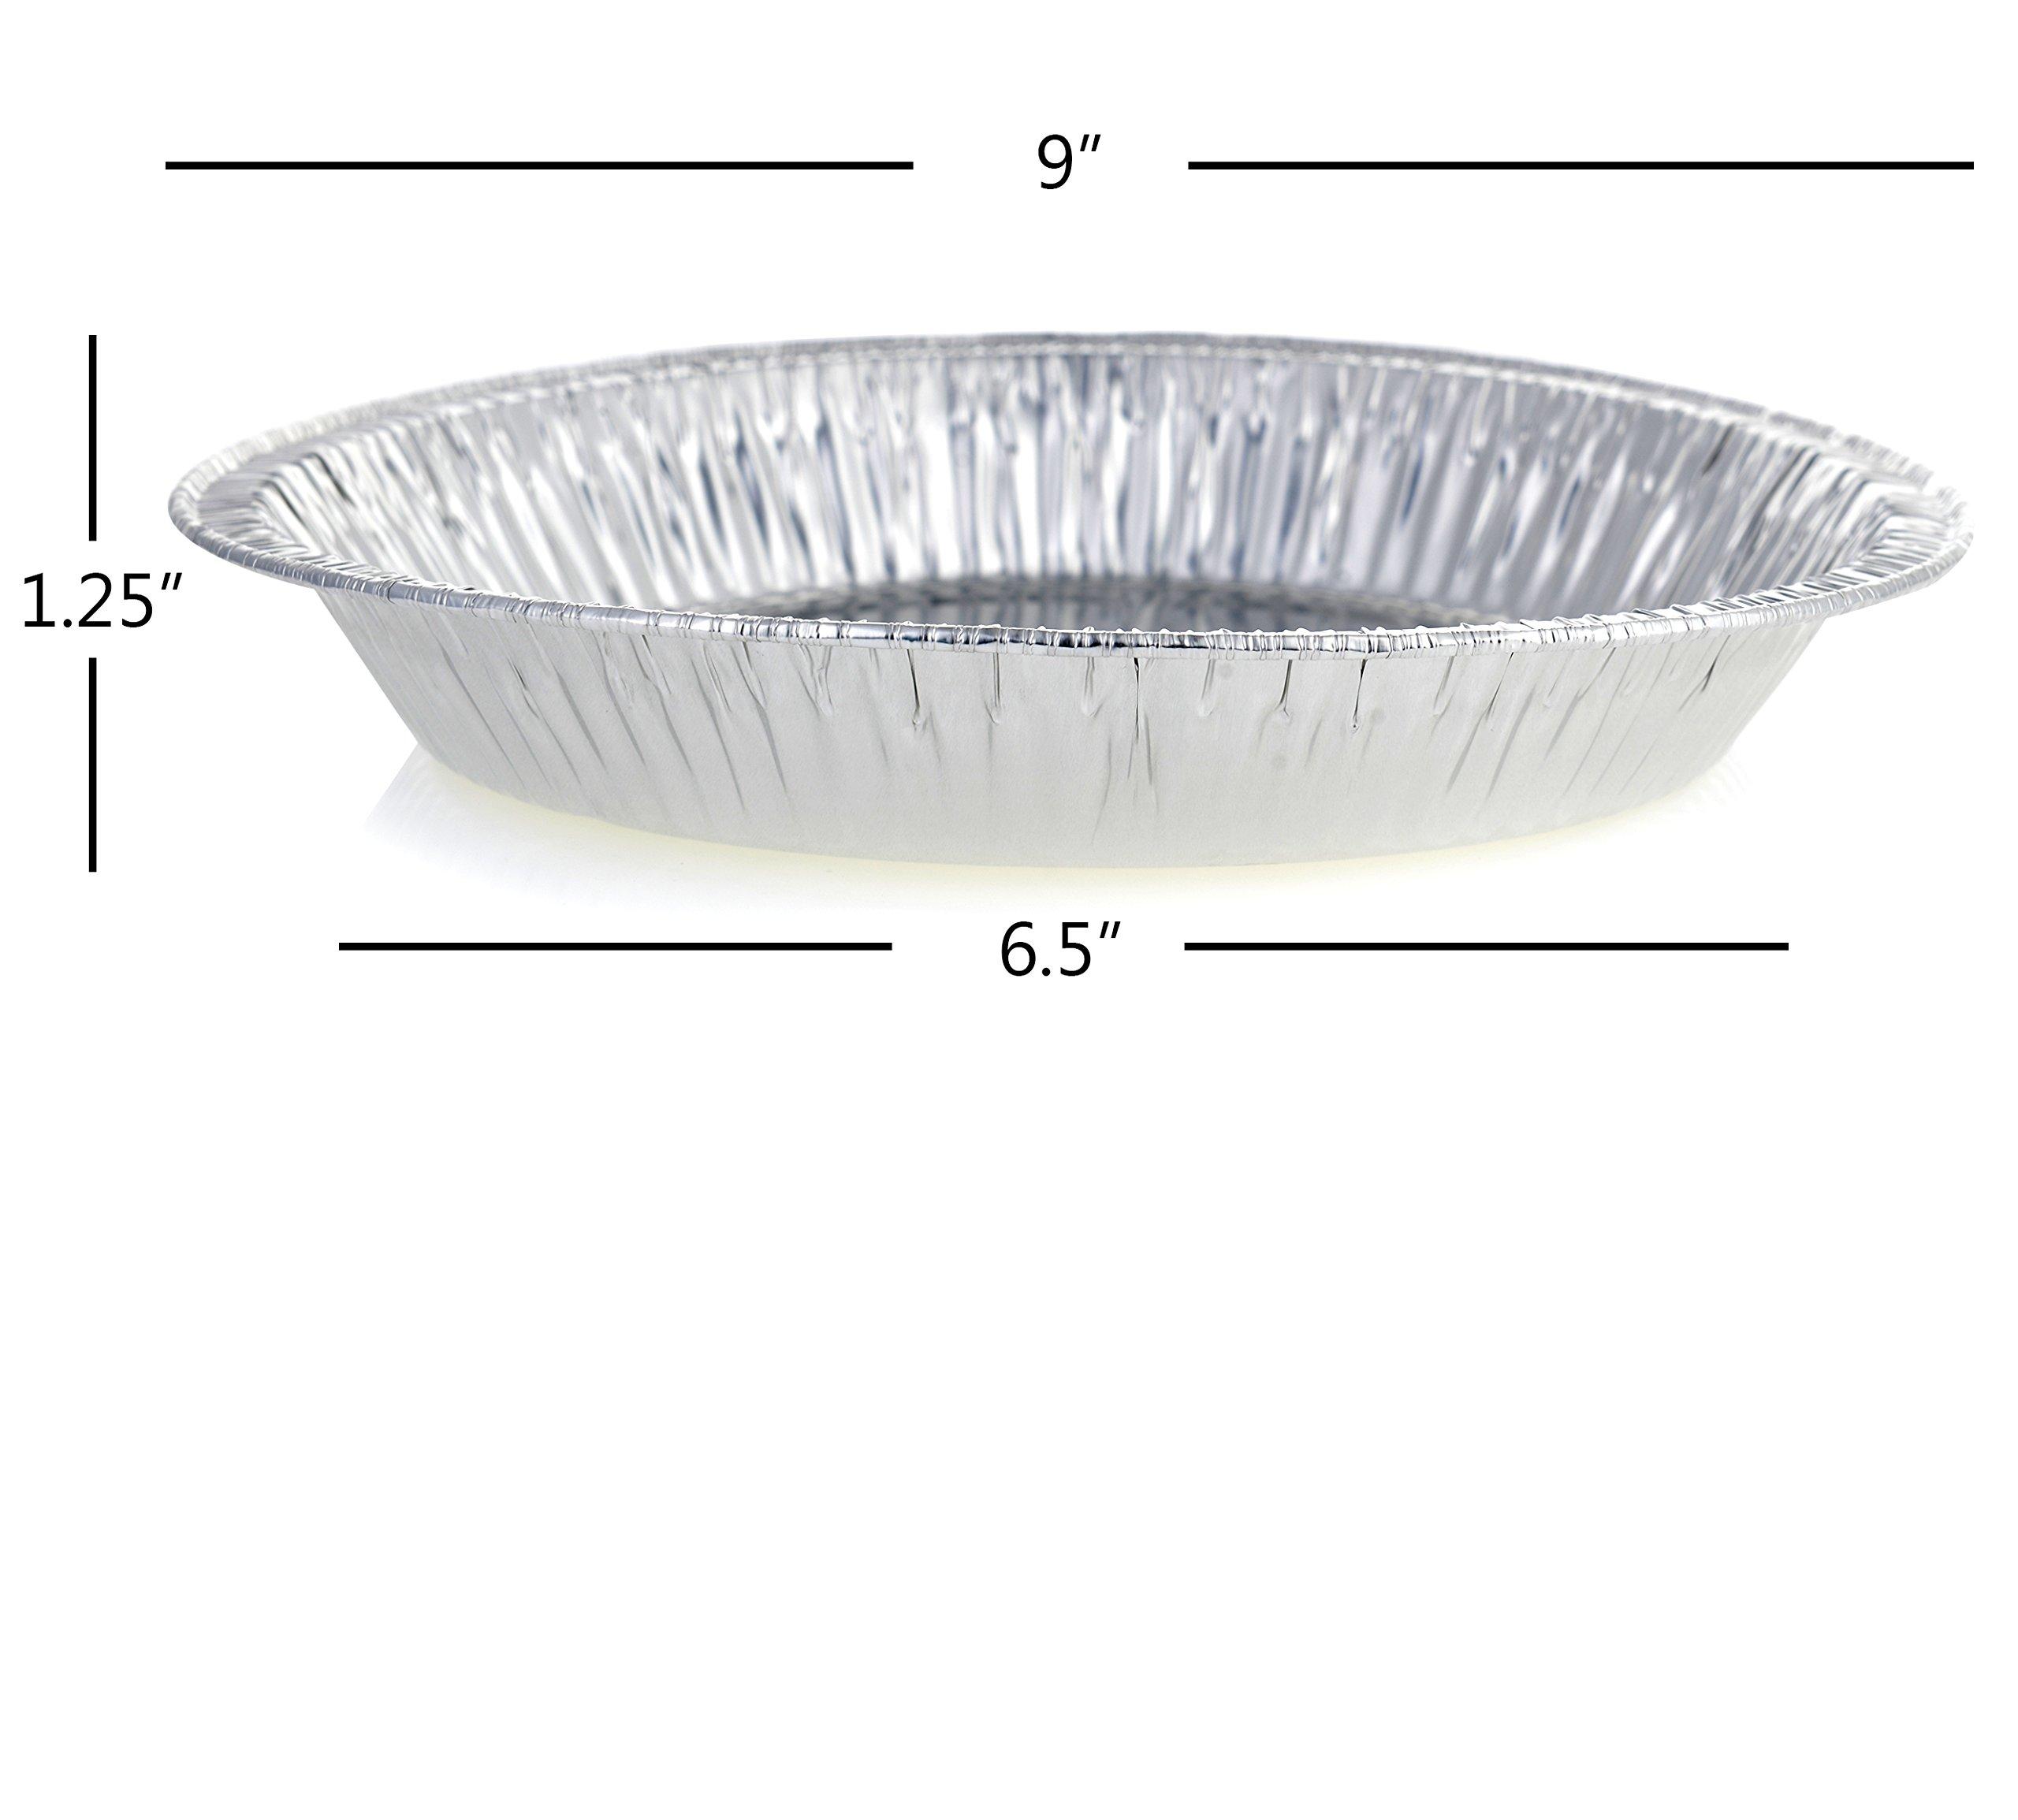 DOBI 9'' Pie Pans (30 Pack) - Disposable Aluminum Foil Pie Plates, Standard Size, 9'' x 1.25'' by DOBI (Image #3)